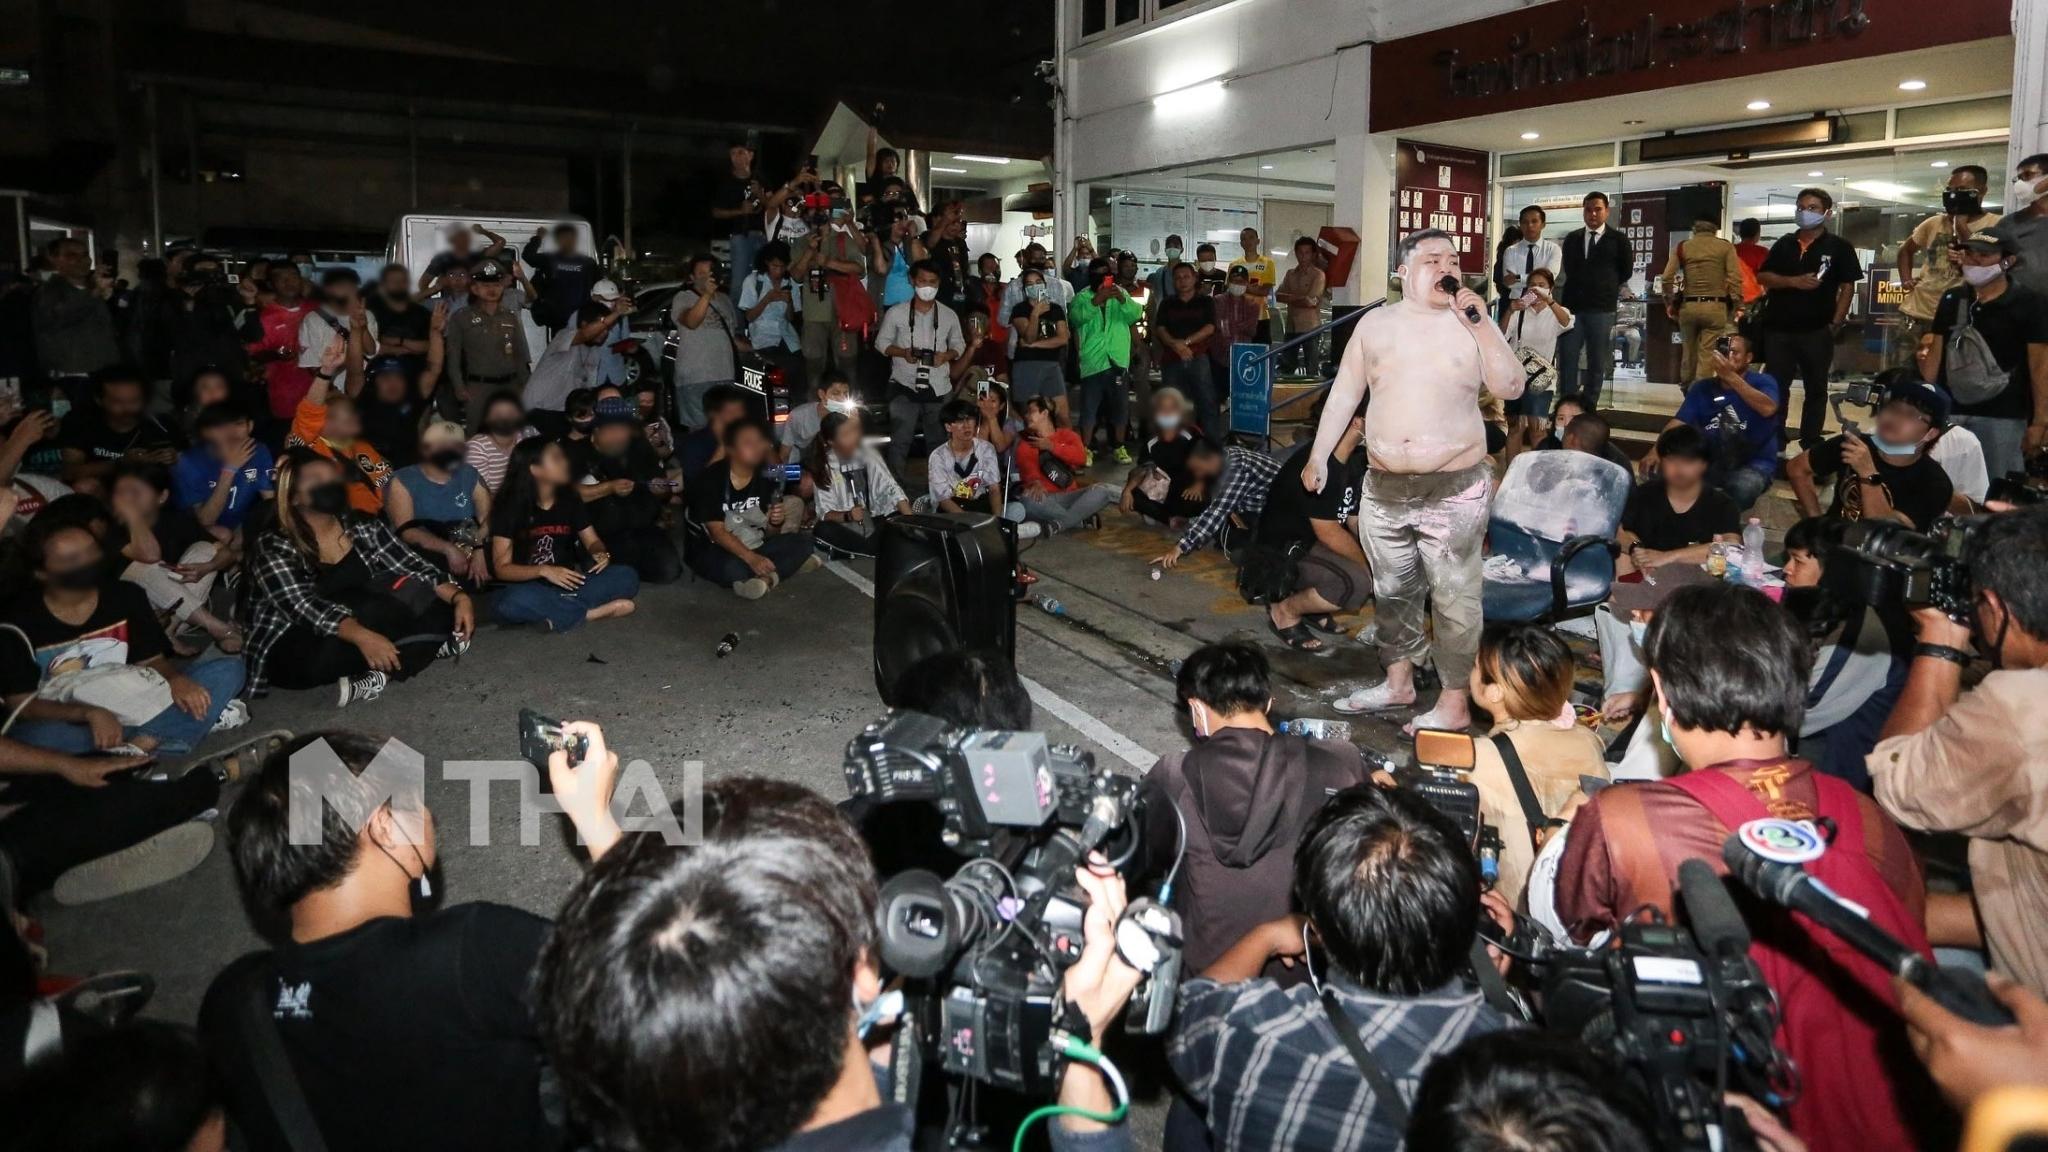 กลุ่มเยาวชนปลดแอก ข่าวการเมือง รุ้ง ปนัสยา หมอลำแบงค์ เพนกวิน ไมค์ ระยอง